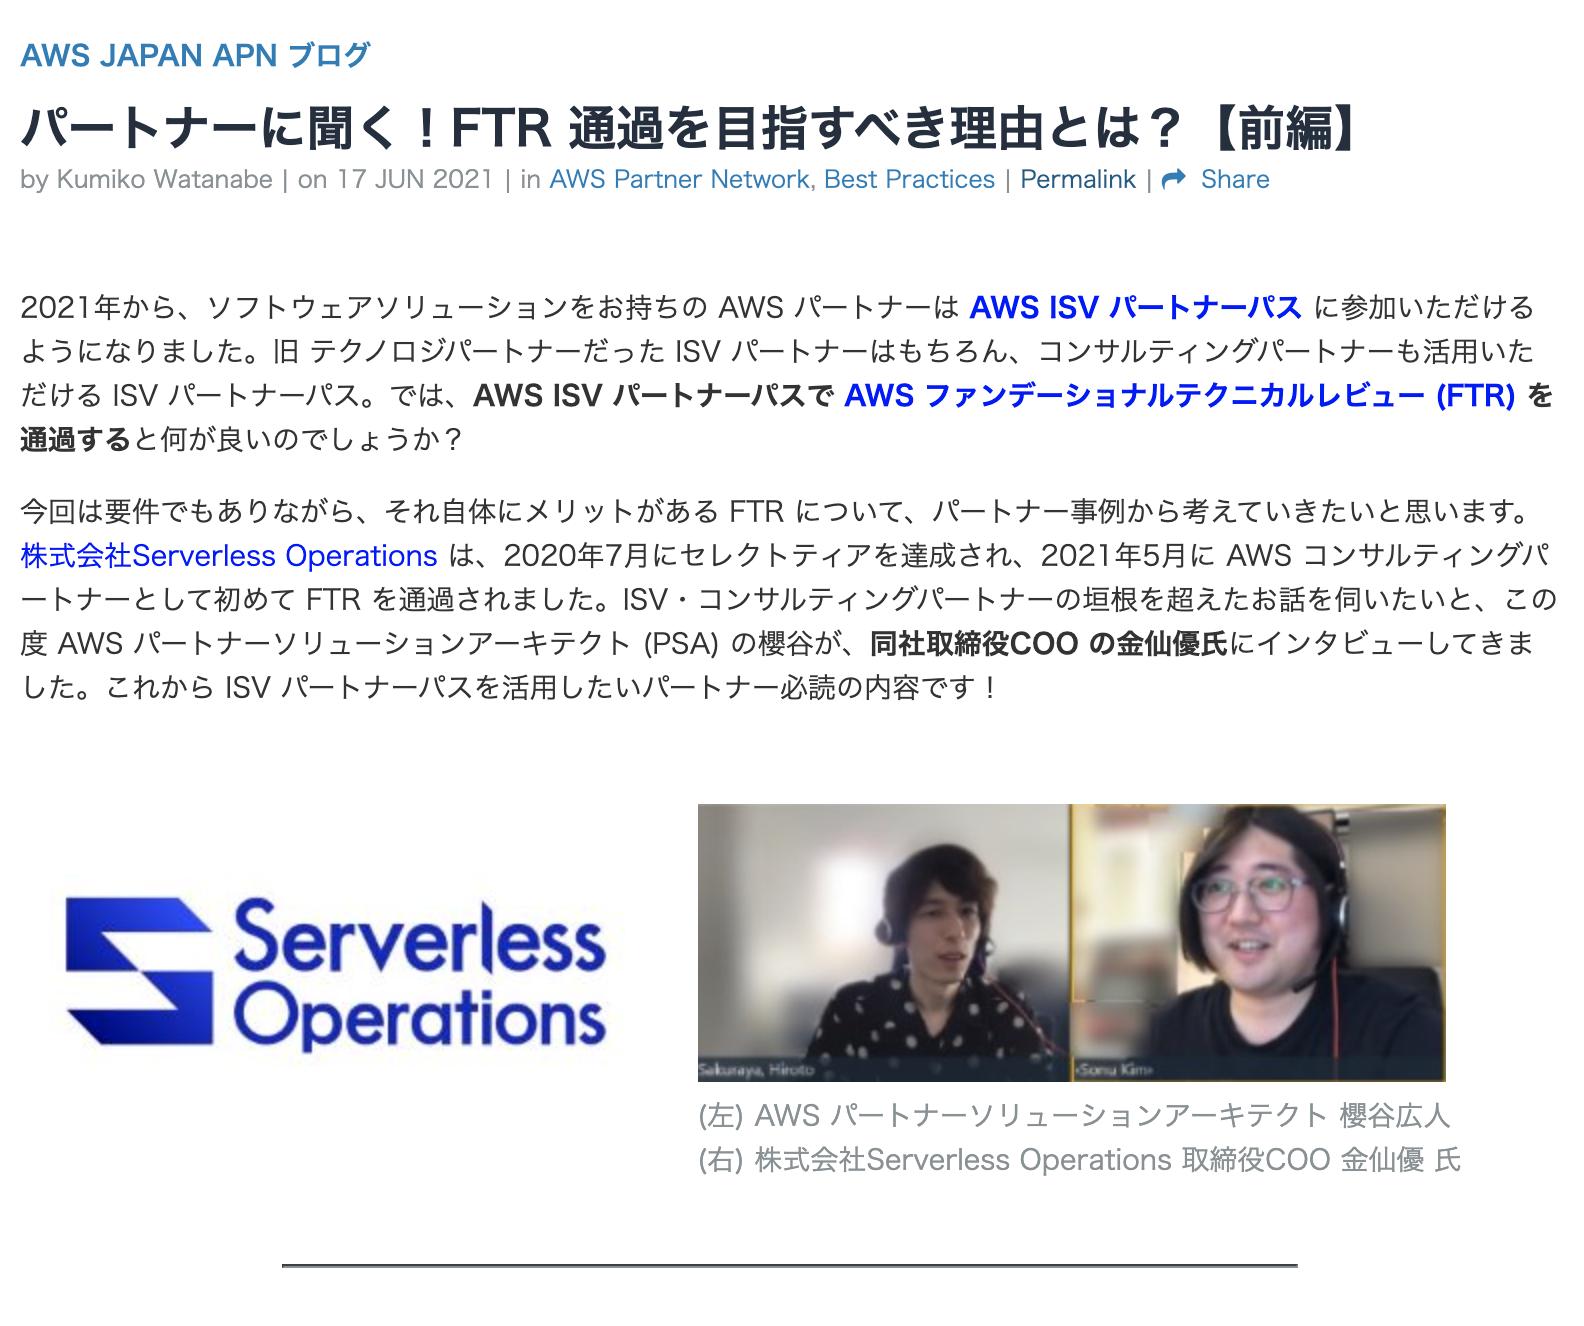 FTR認定事例のインタビュー記事がAWSのブログにて公開されました